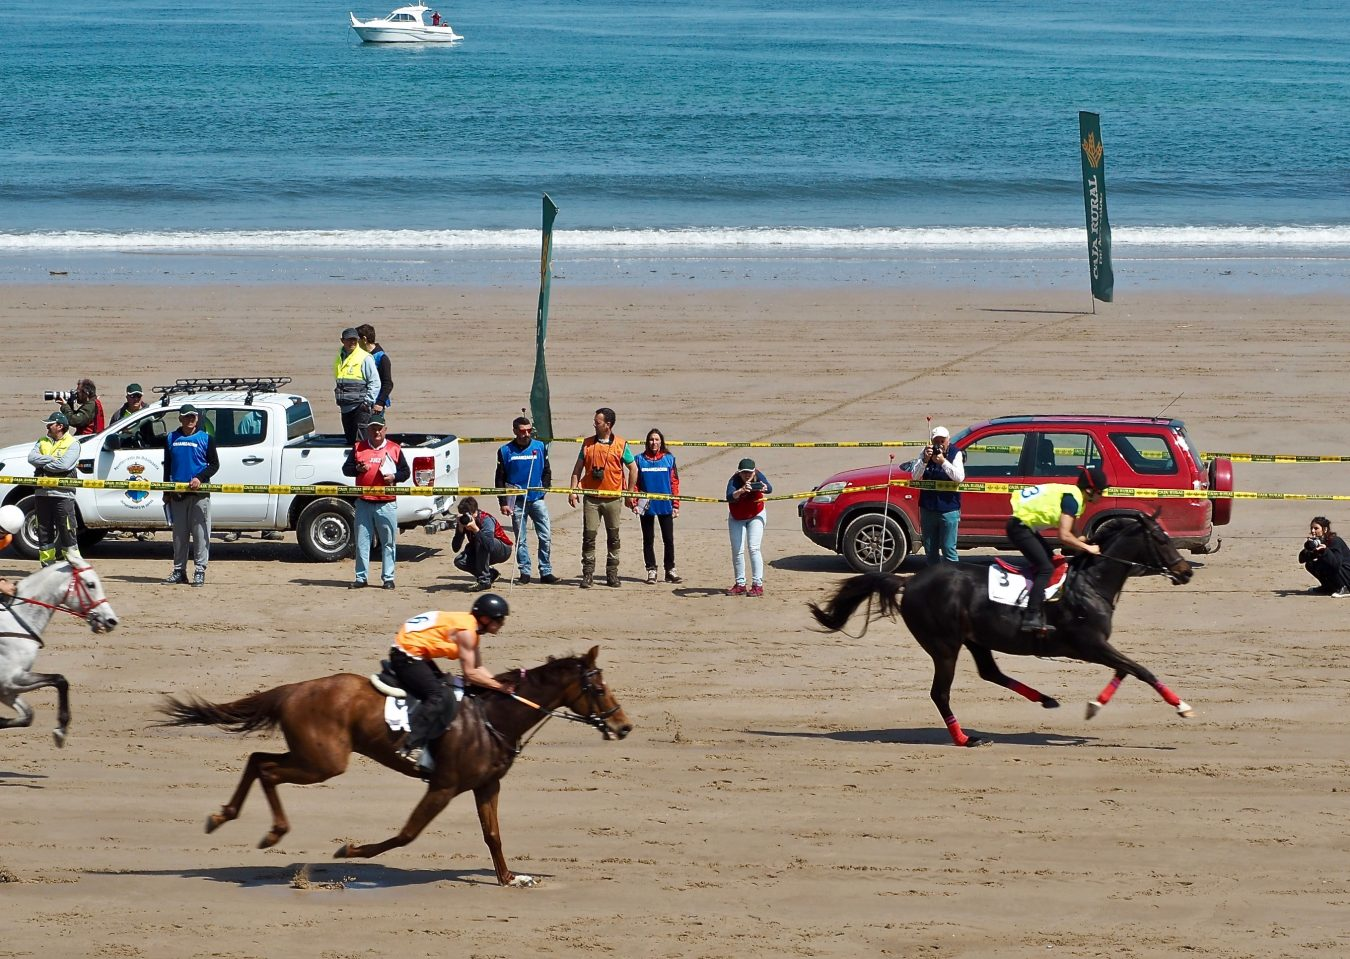 Doblete de Spanish Cat en unas accidentadas Carreras de Caballos Playa de Ribadesella